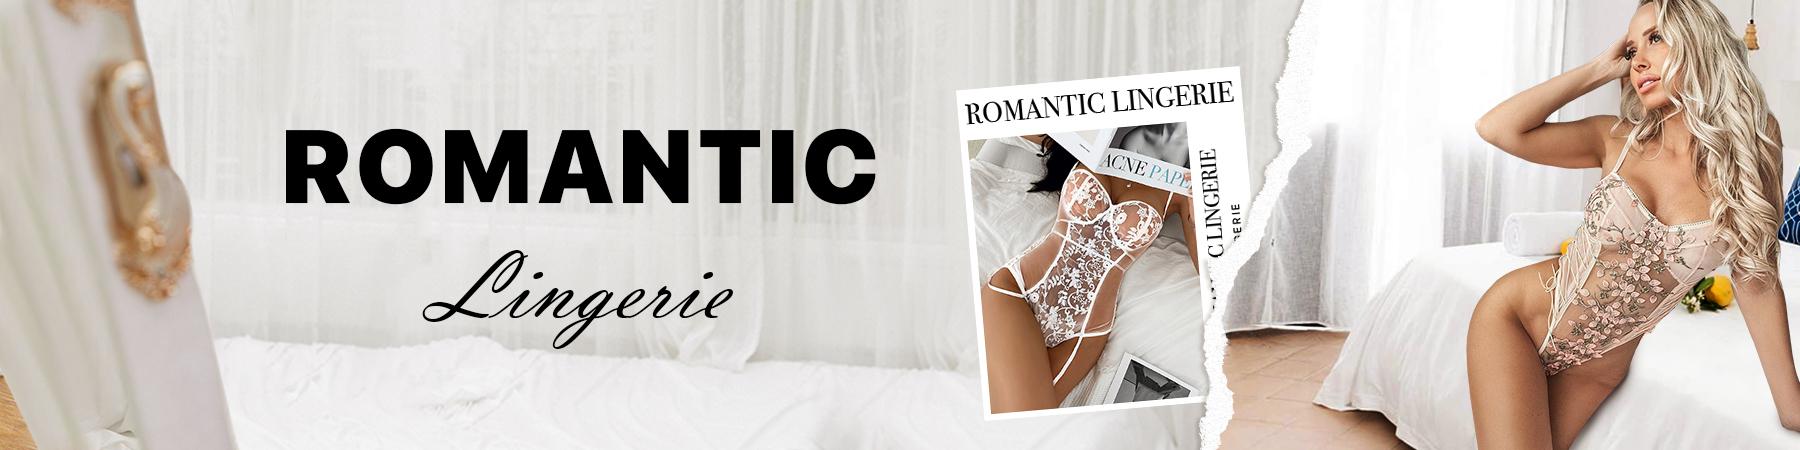 RomanticLingerie